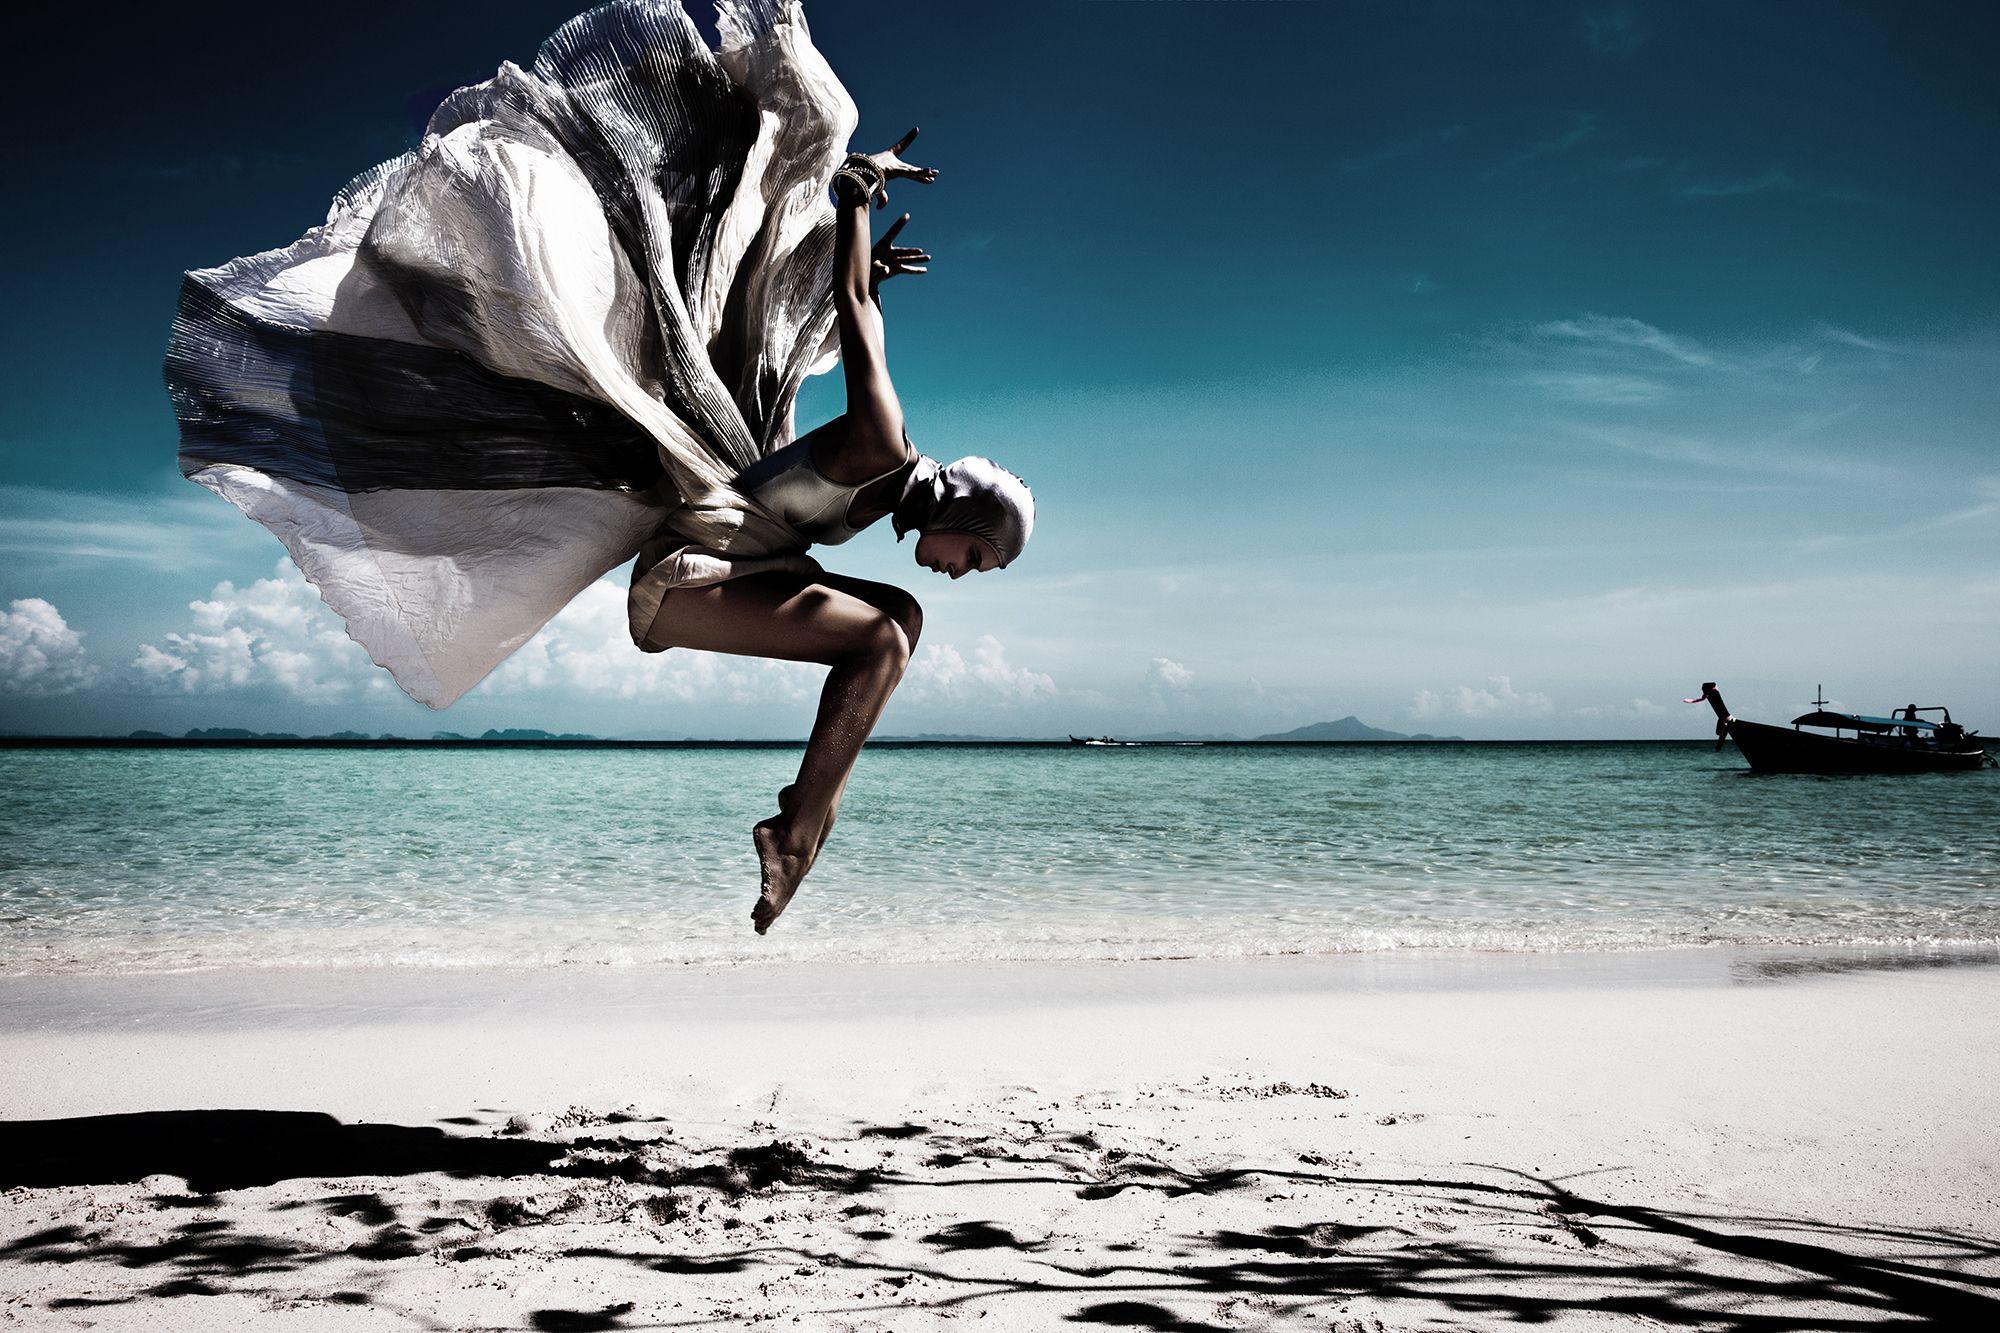 Meilleur Site Pour Photographe top 10 des meilleurs conseils de photographes pour lancer